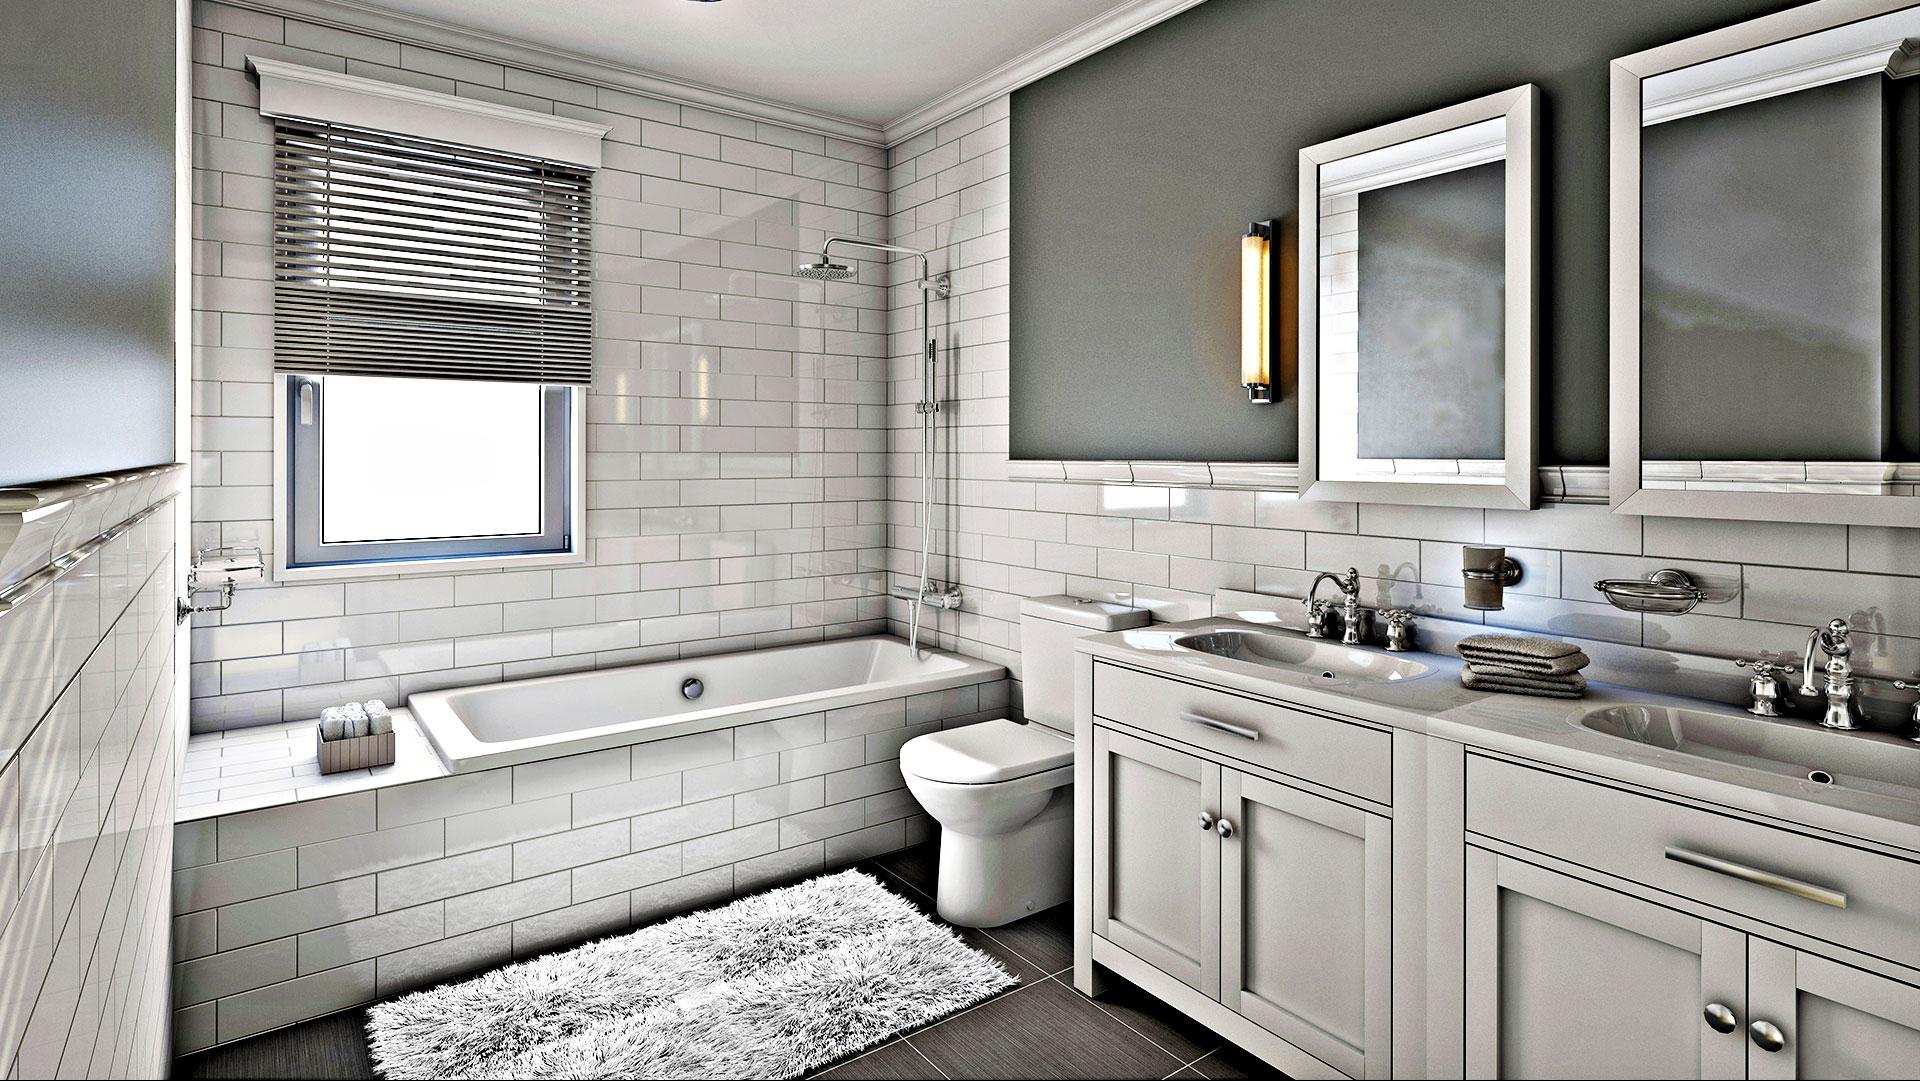 Mcfeniel Services LLC Remodeled Bathroom